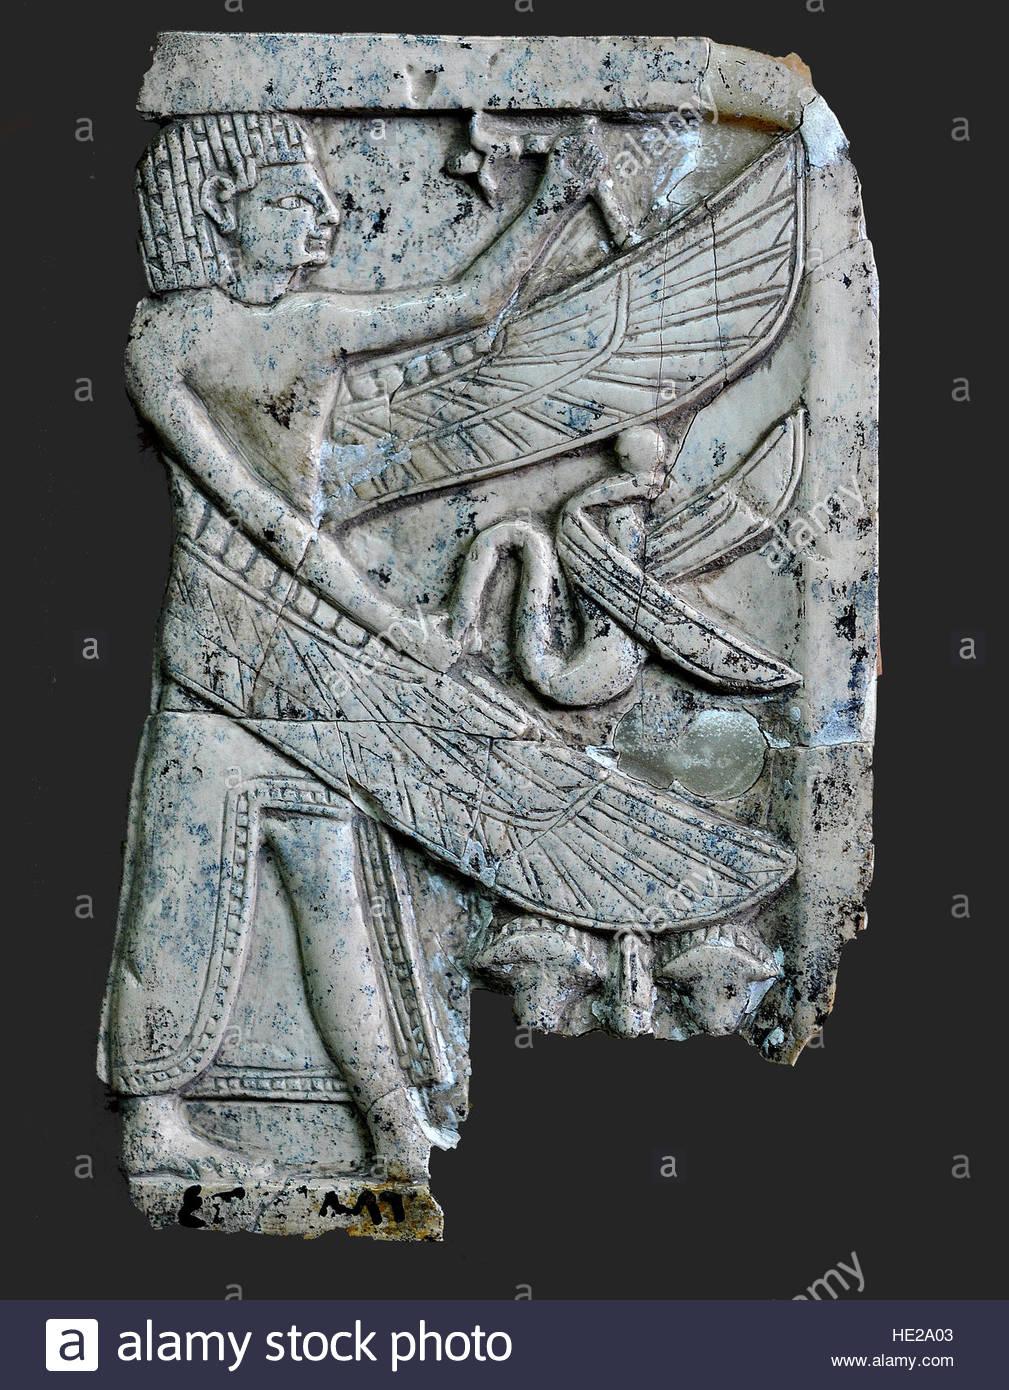 6009. Elfenbein Plaque eines Ägypters gestylt geflügelter Mann eine Schlange hält. Nimrud, Mesopotamien Stockbild